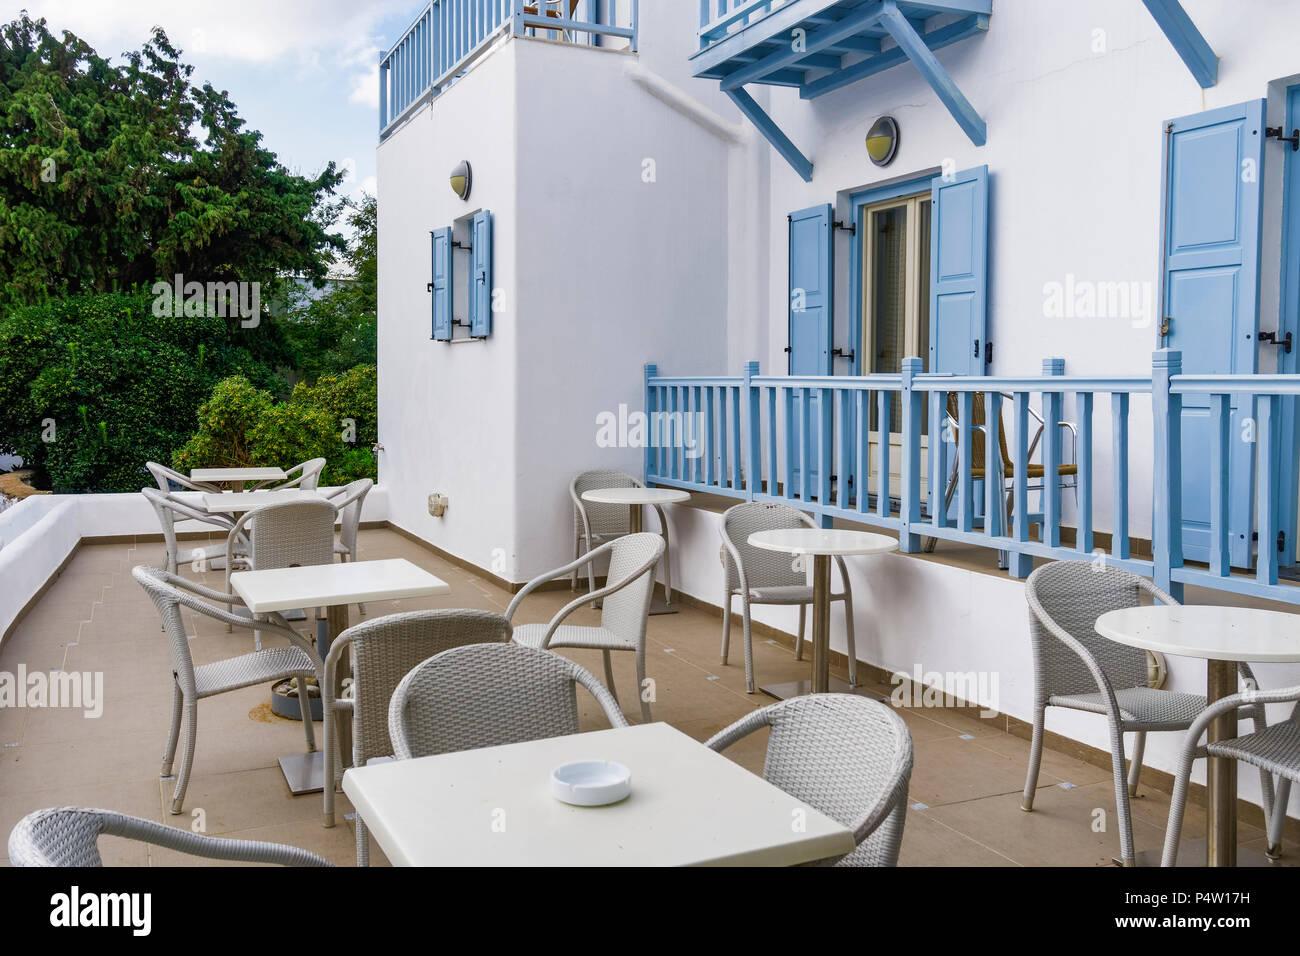 Mykonos, Griechenland traditionelle Apartment Haus externe Ansicht. Hotel Atrium mit weißen Wänden und blauen Balkon mit Stühlen und Tischen. Stockbild